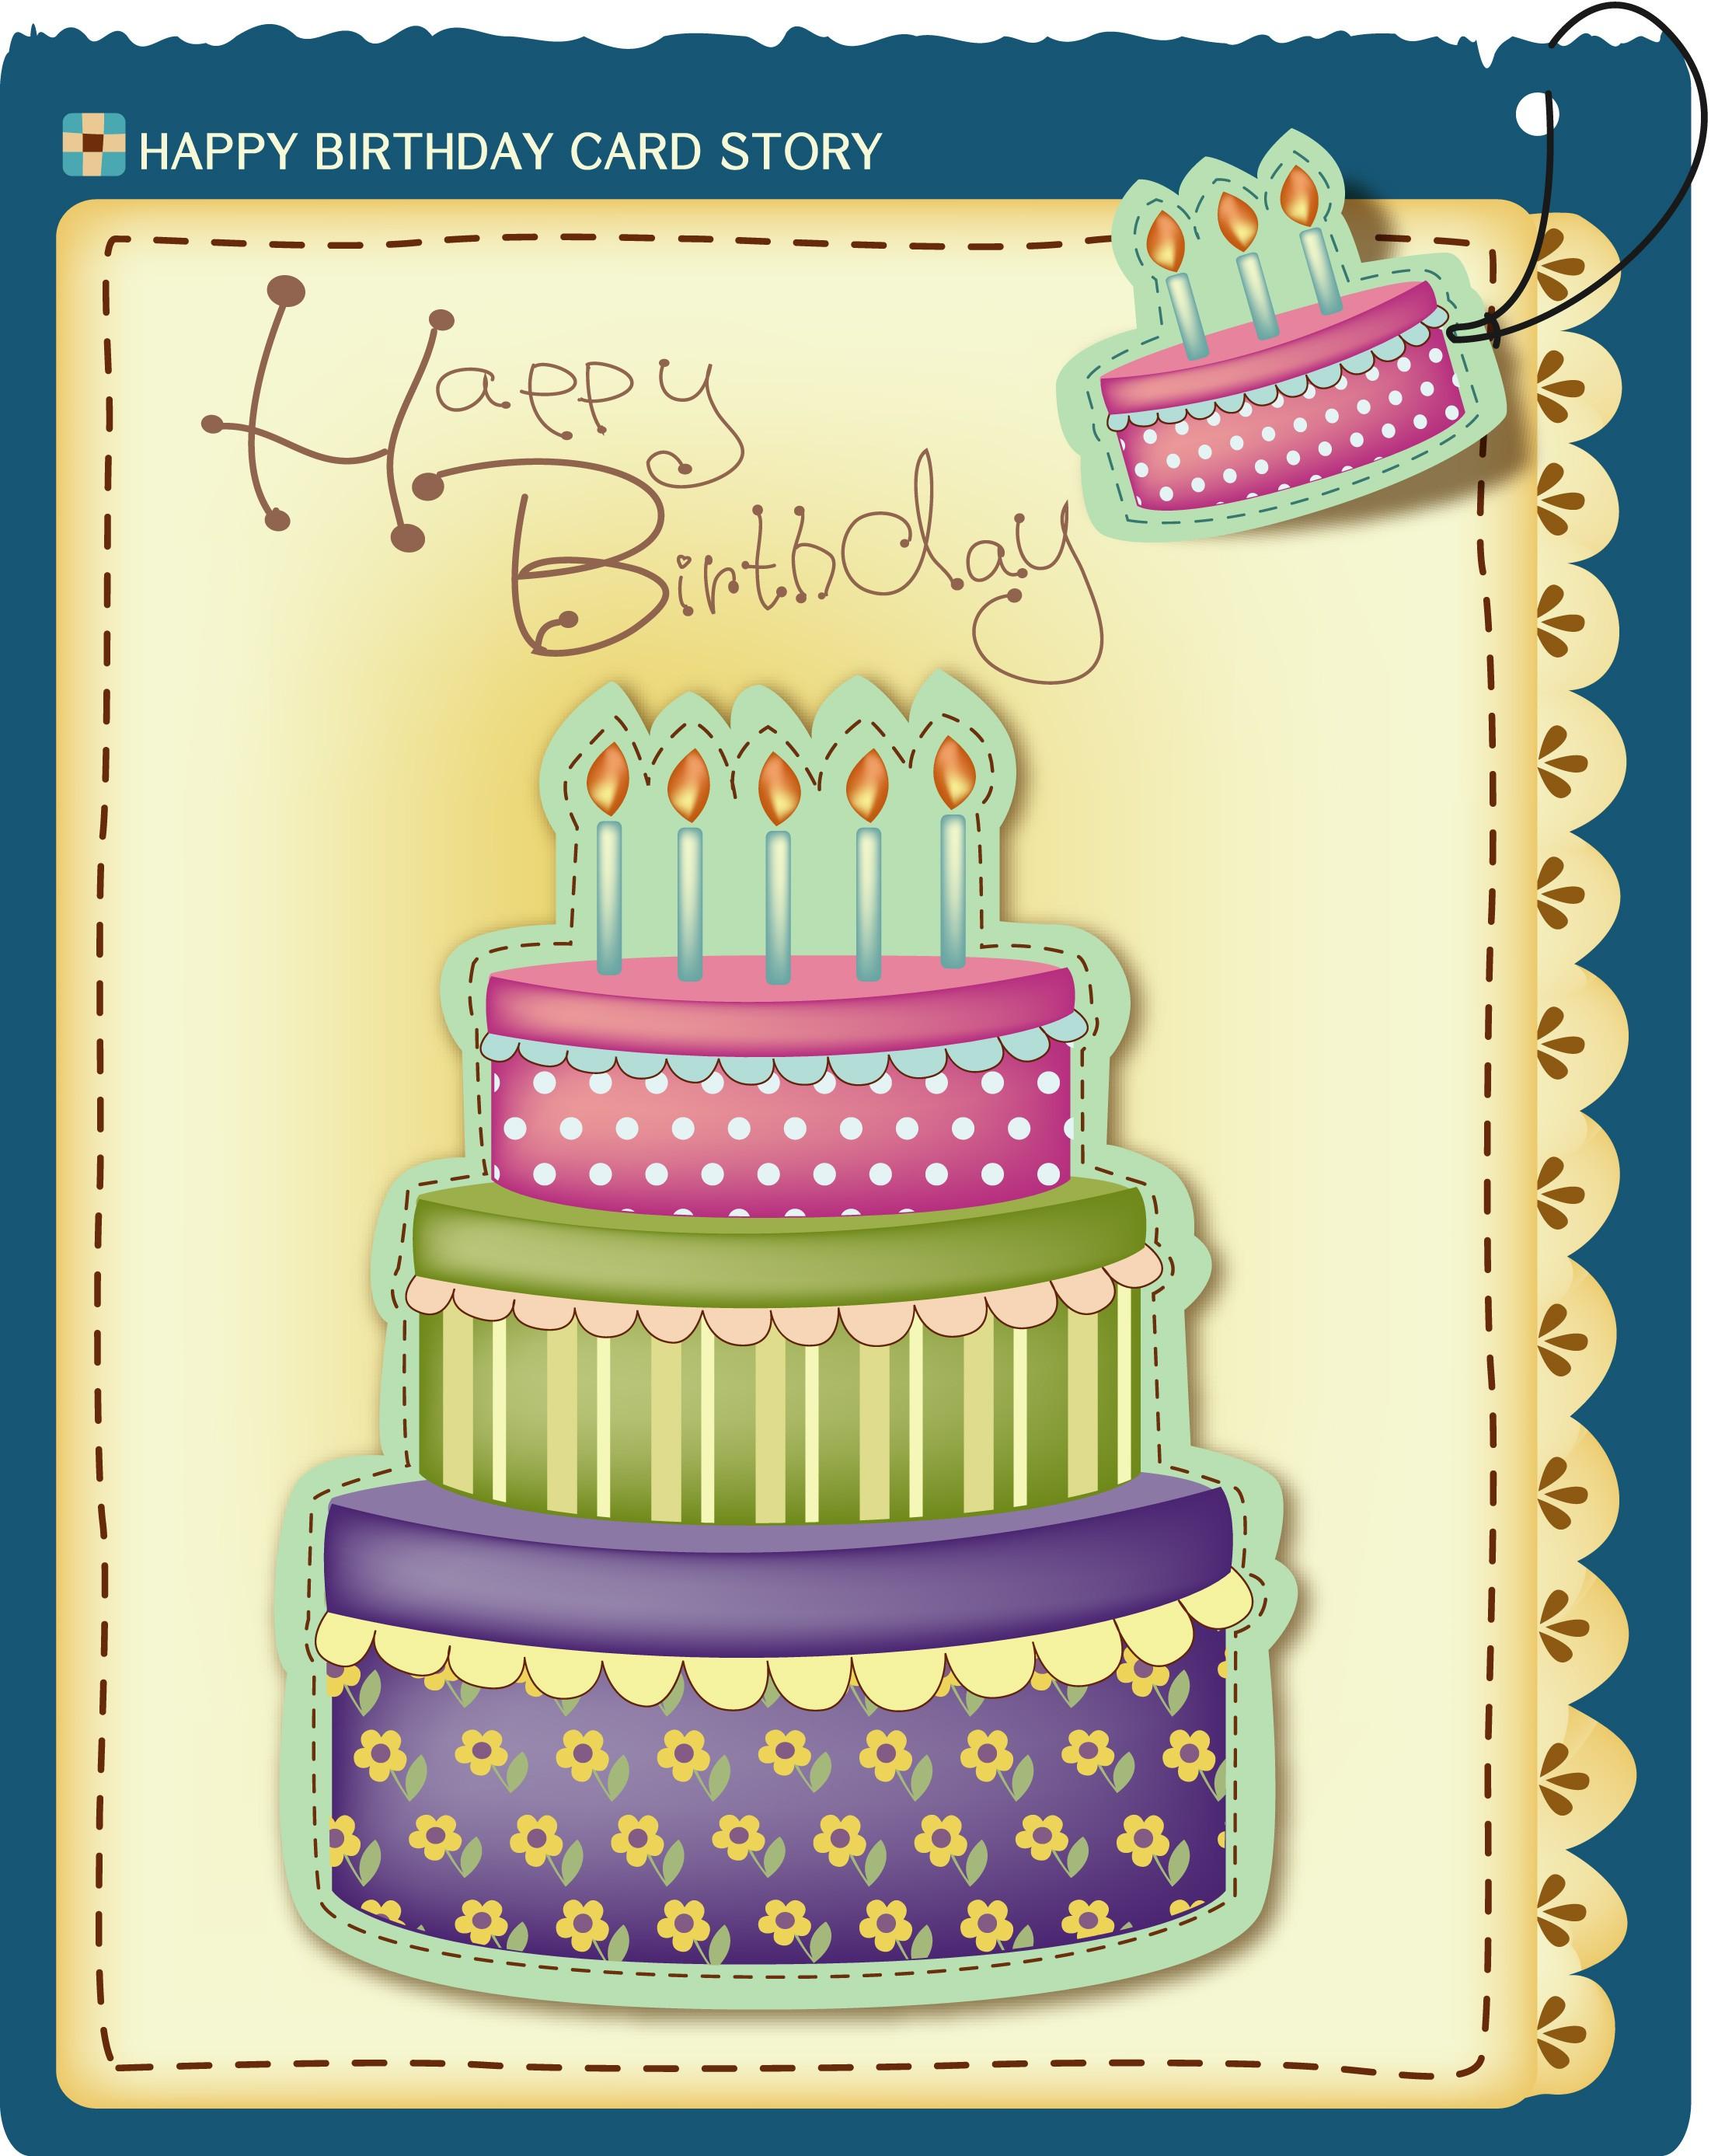 Открытка с днем рождения подруге сделанная своими руками